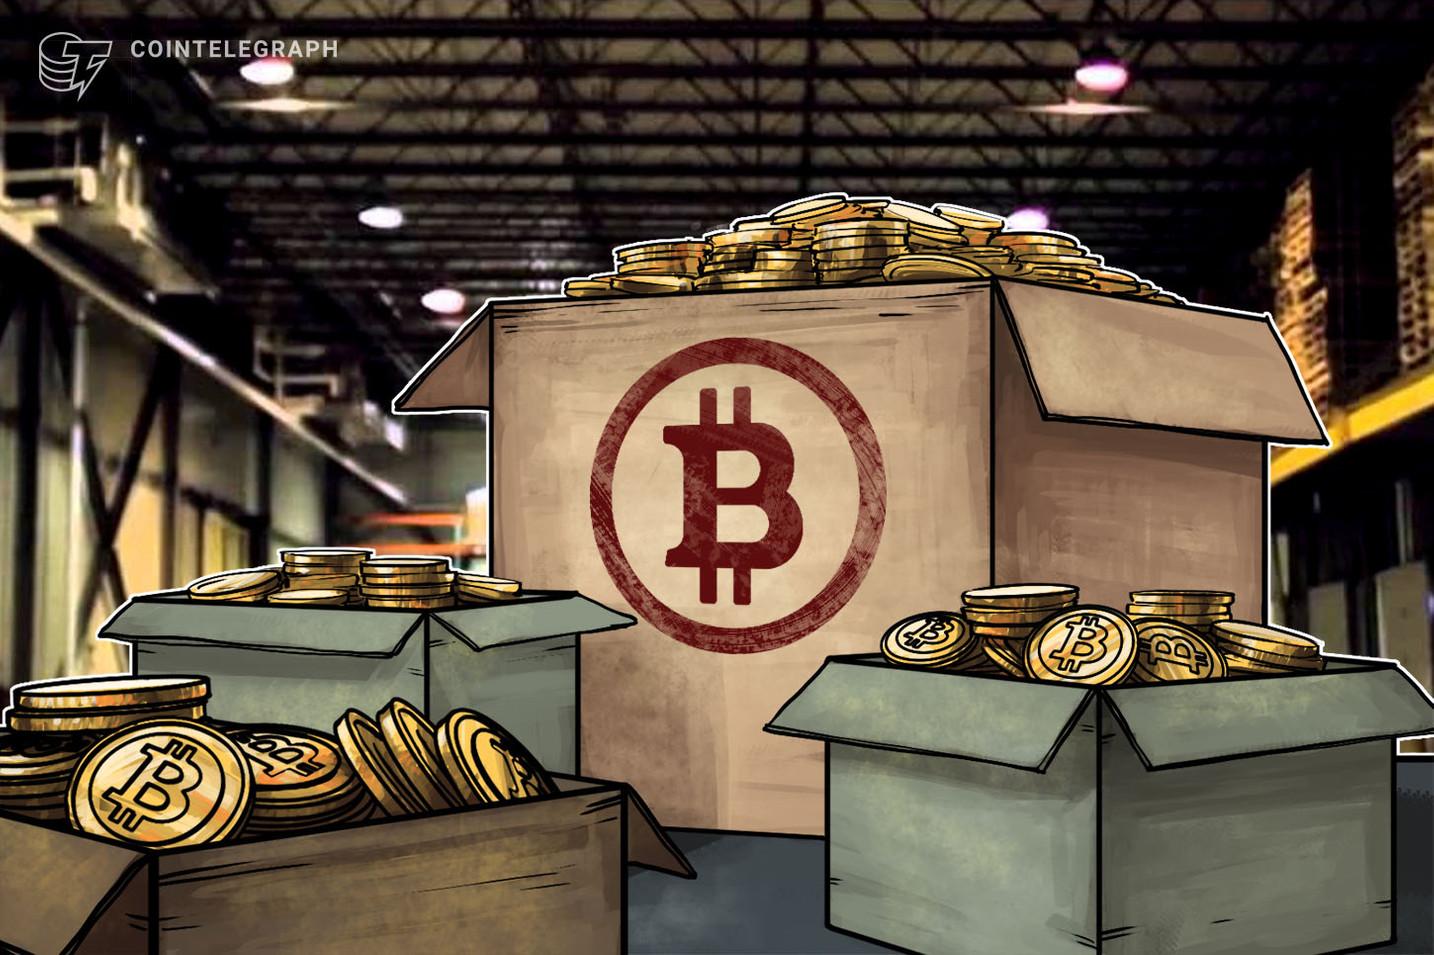 Square kauft erneut Bitcoin und investiert weitere 170 Mio. US-Dollar